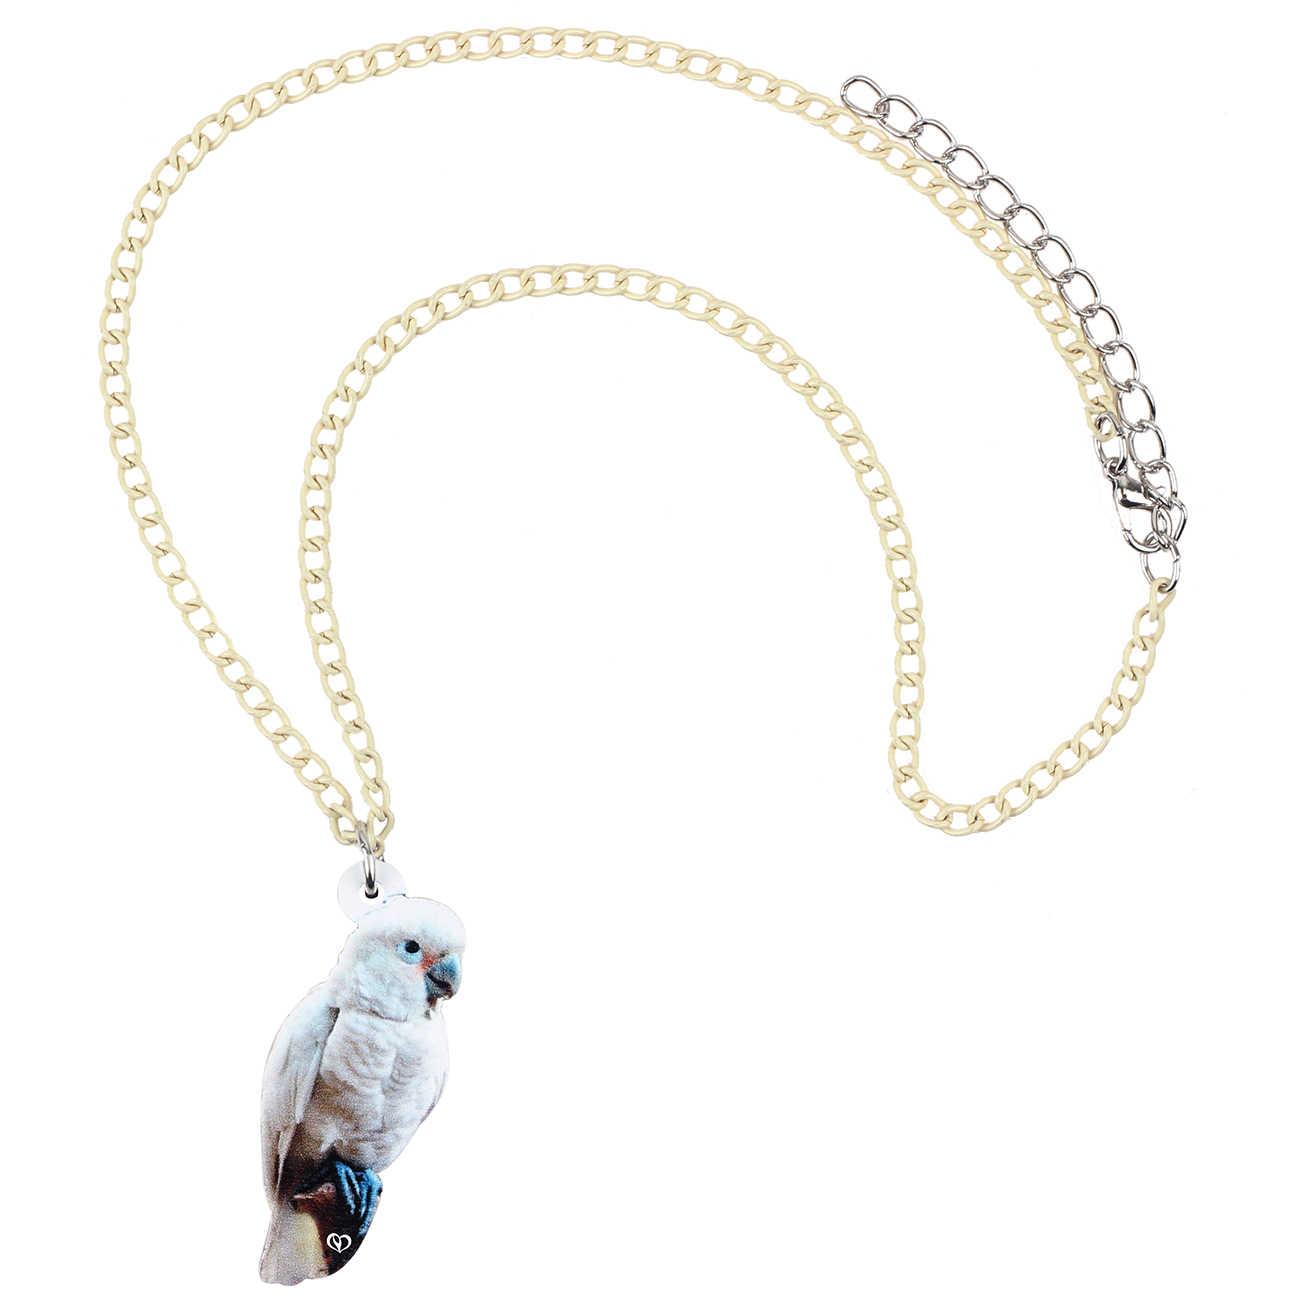 Bonsny Acryl Dumm Weiß Papagei Anhänger Halskette Kette Choker Mode Haustier Schmuck Für Frauen Mädchen Charme Viele Party Geschenk